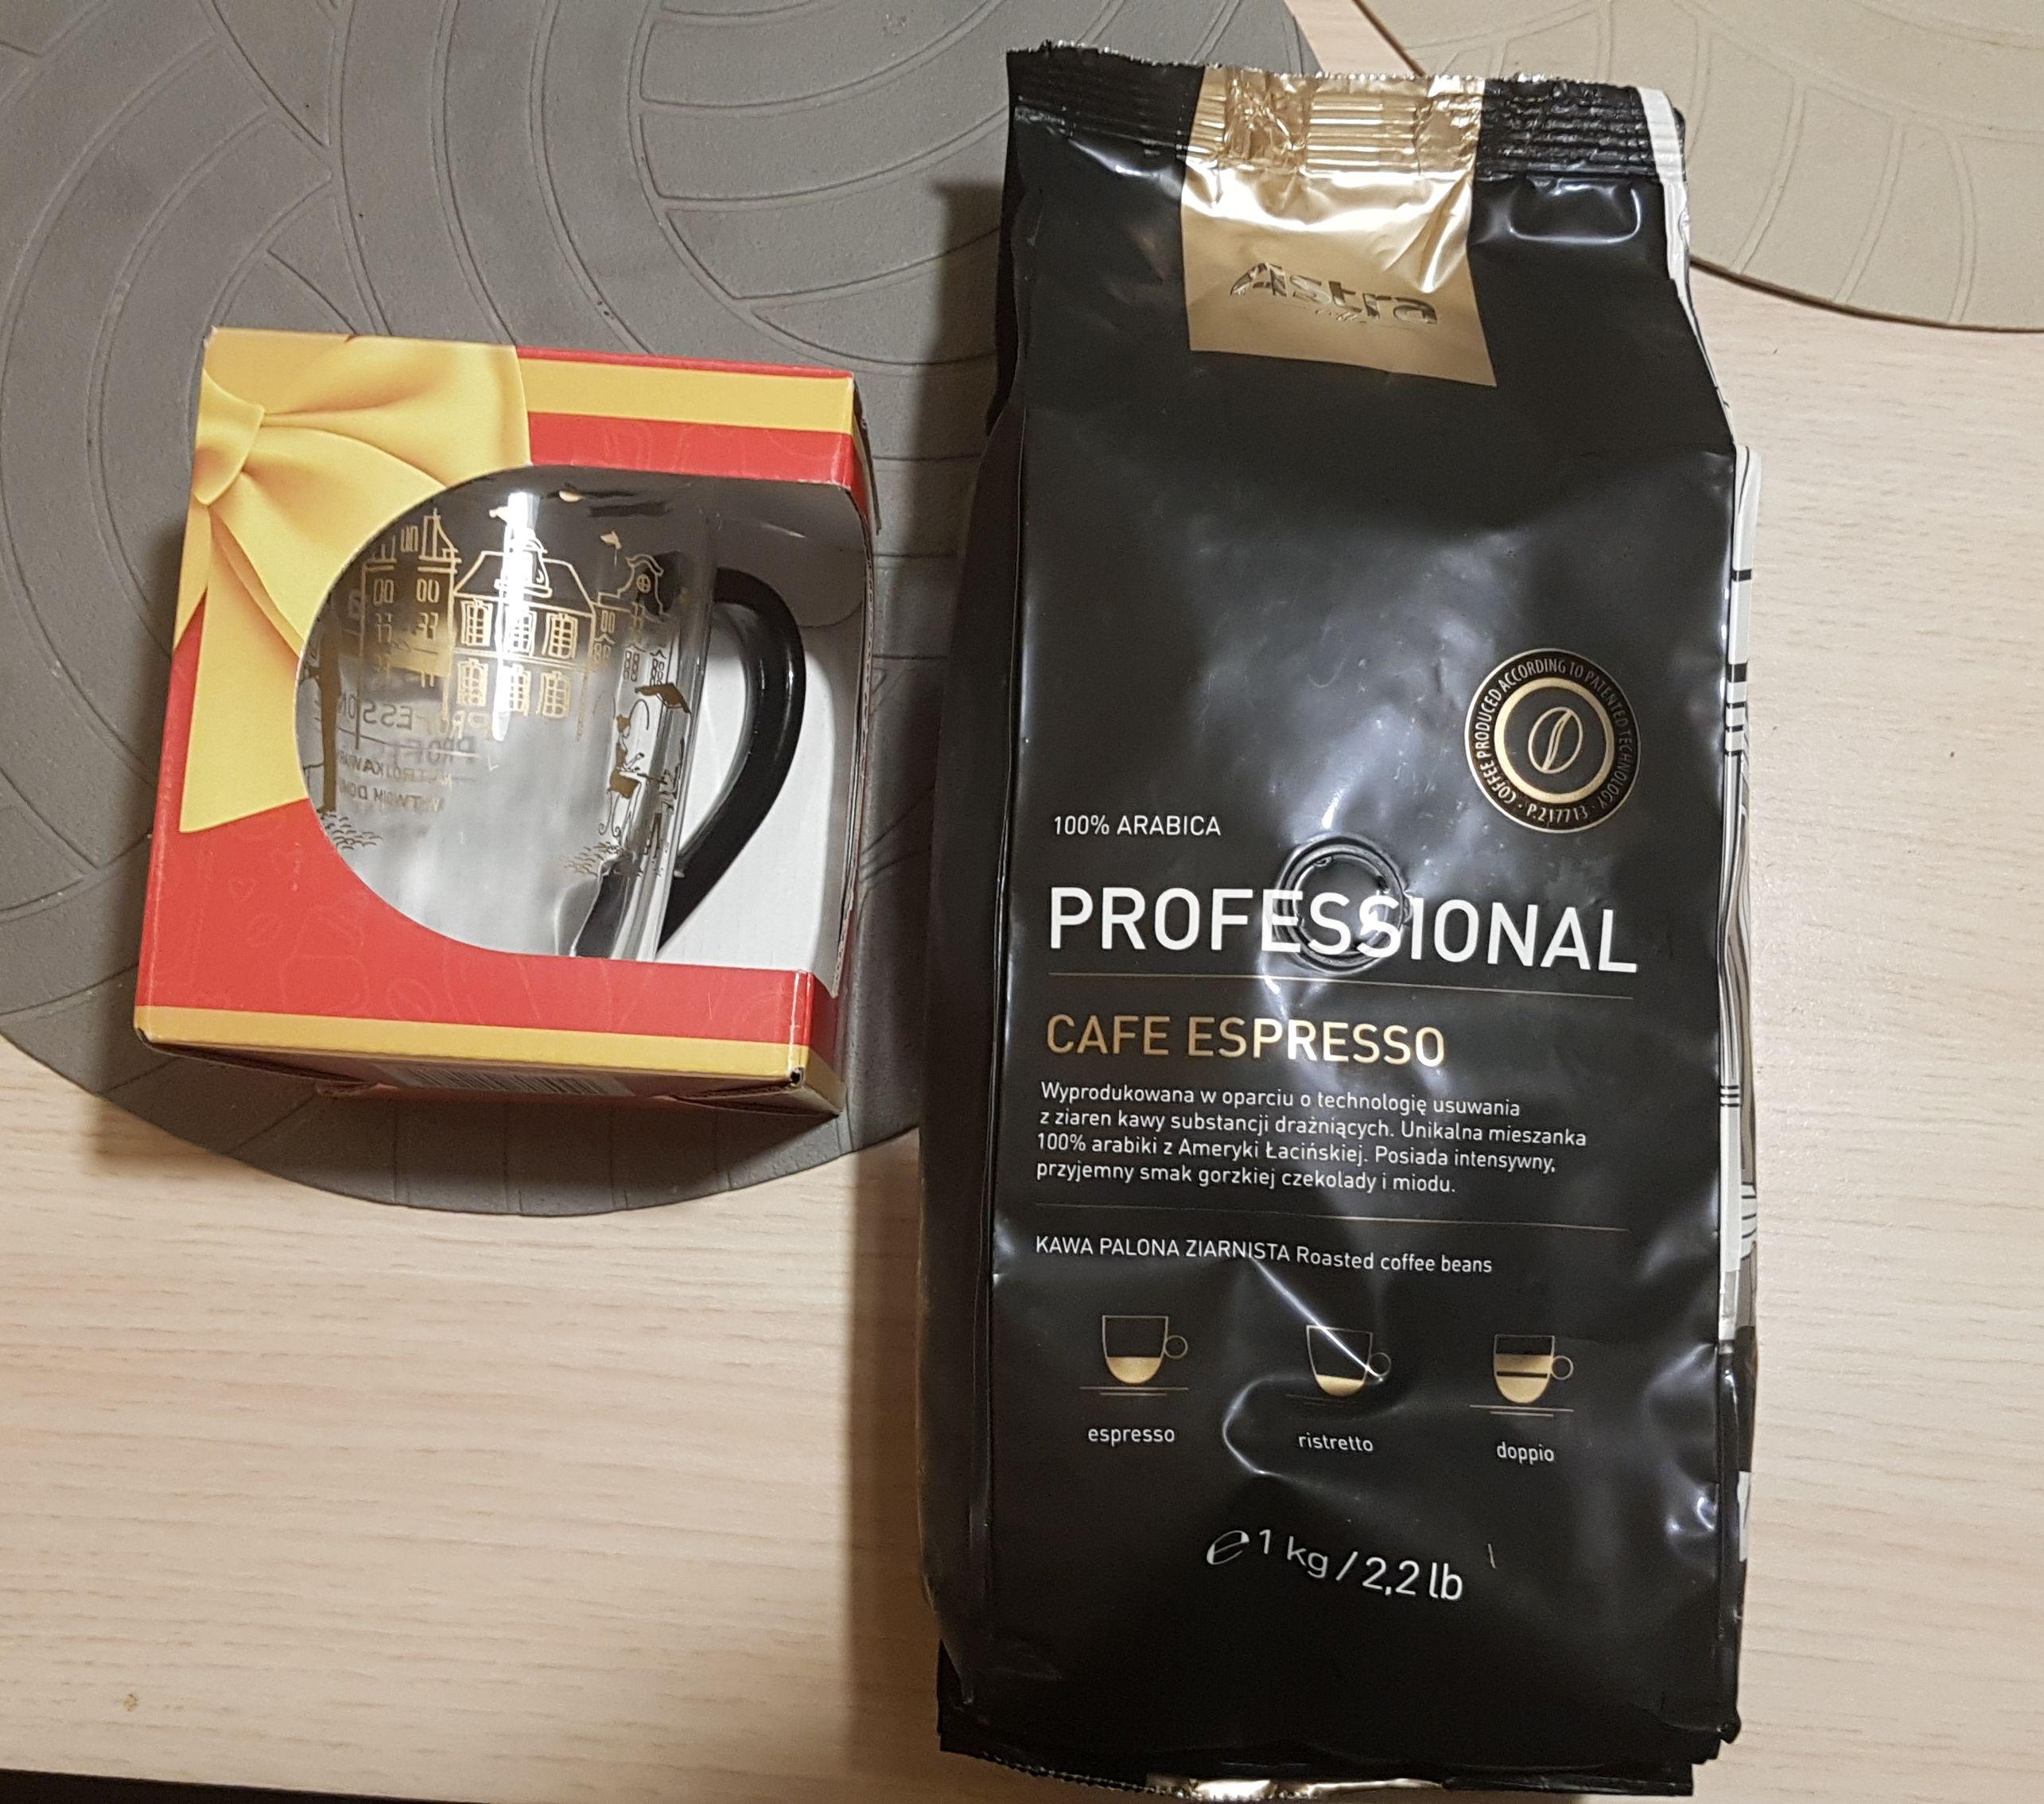 Kawa ziarnista Astra Professional Cafe Espresso 1kg + kubek @Netto